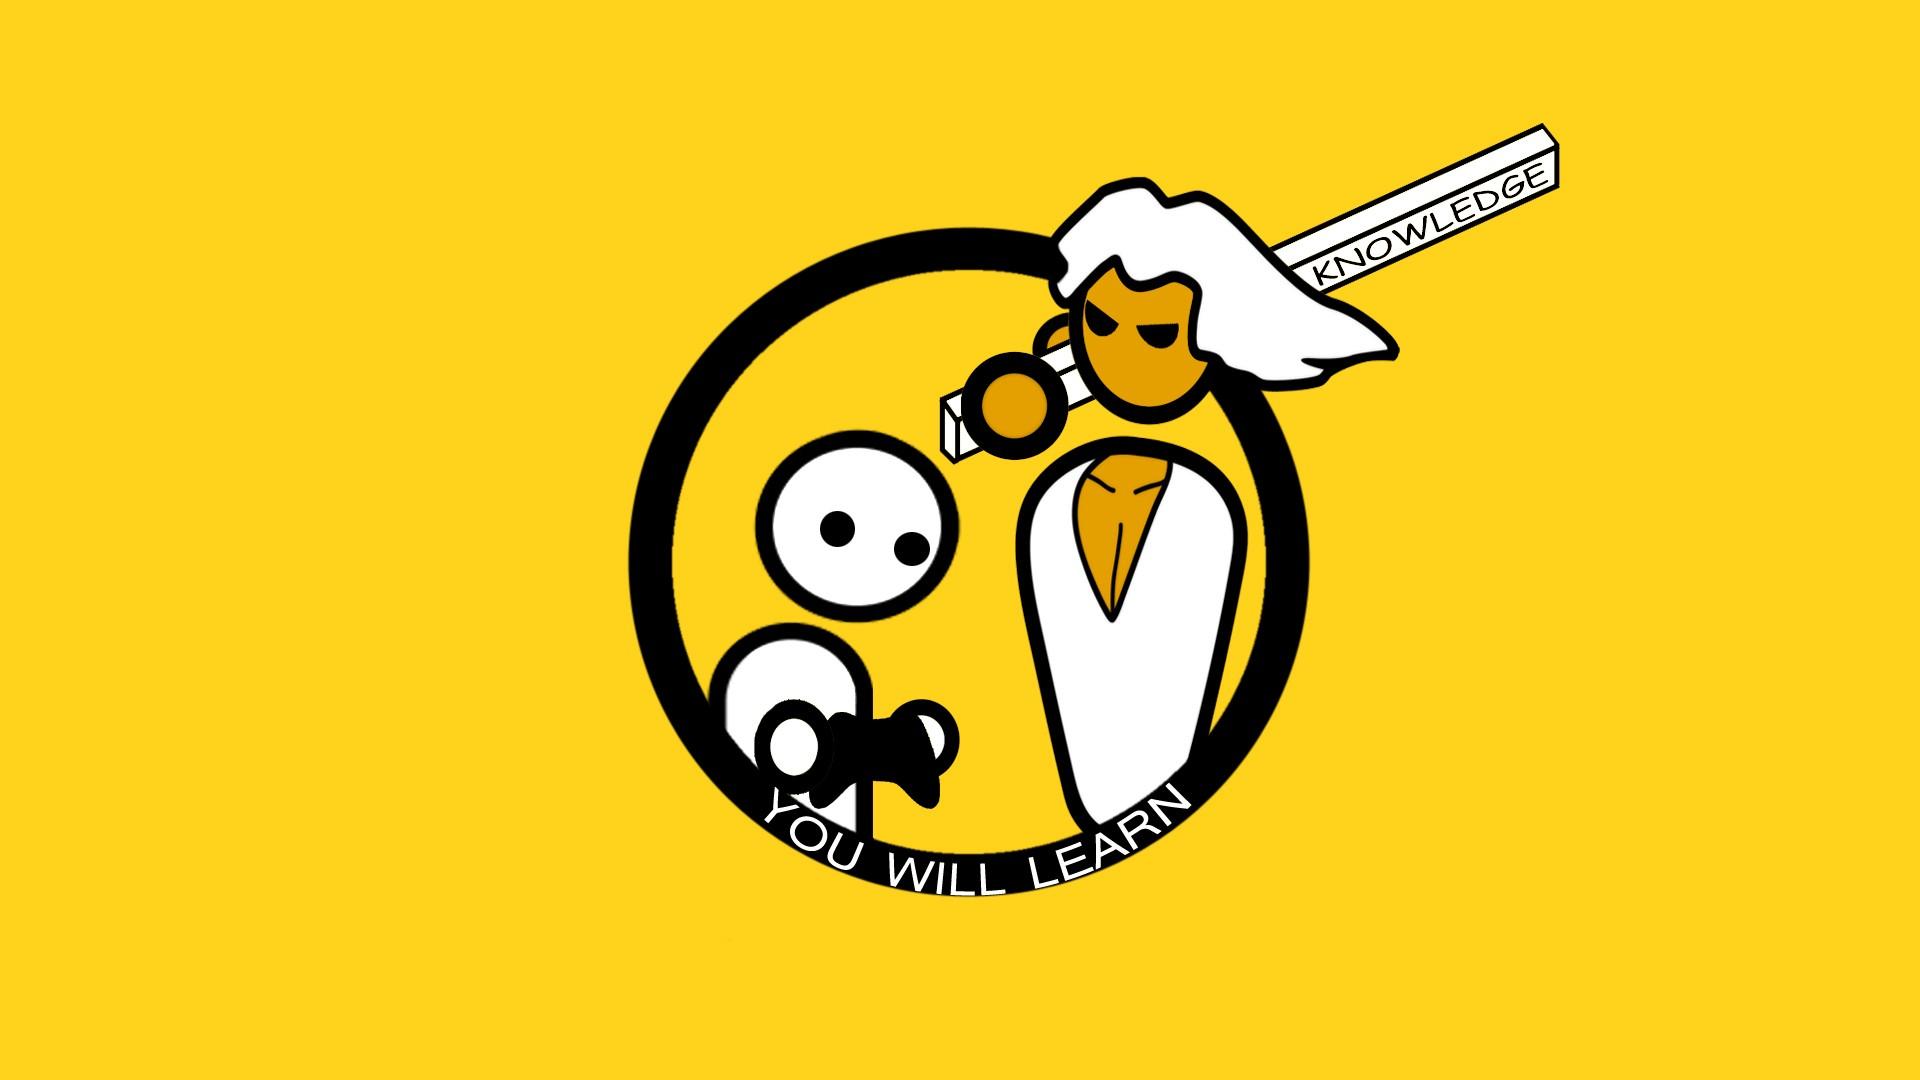 Wallpaper Ilustrasi Logo Gambar Kartun PC Gaming PC